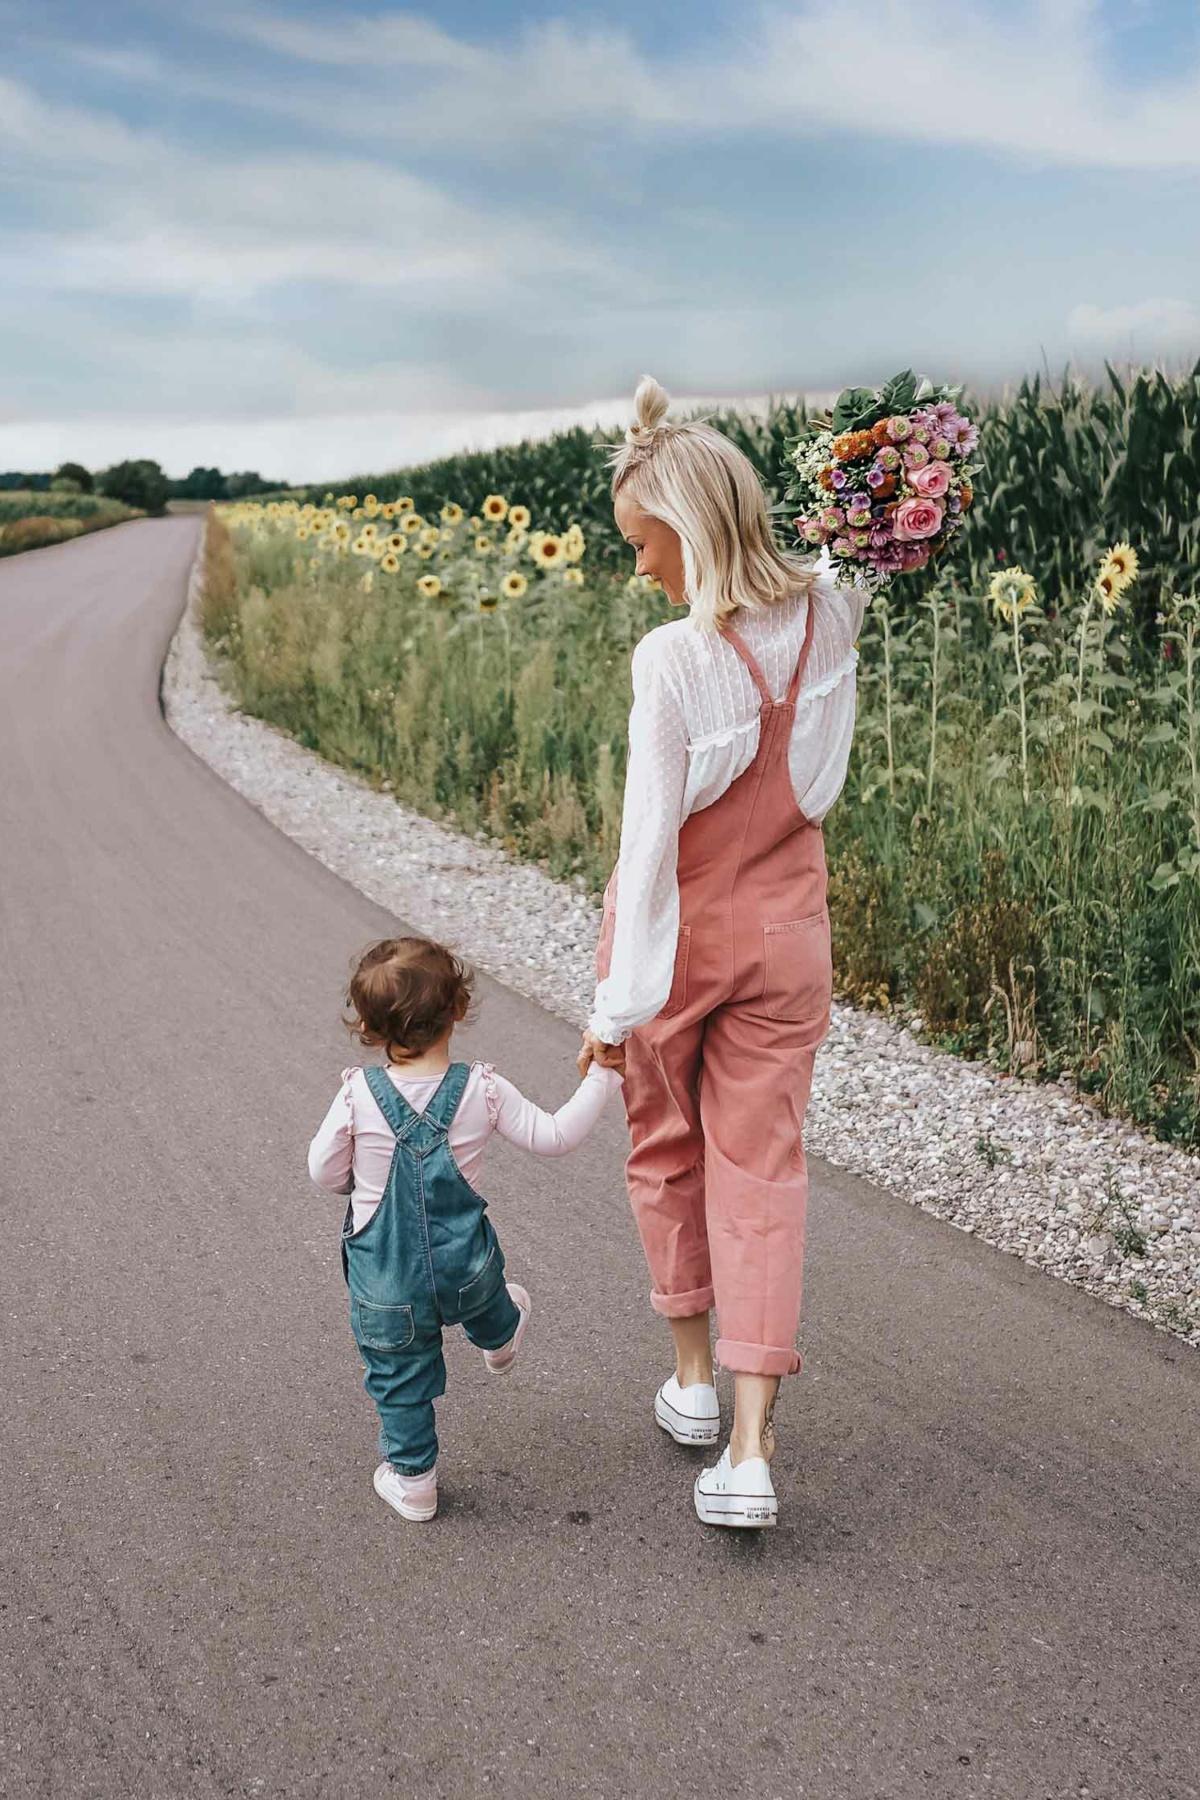 stylingliebe-lifestyleblogger-mamablog-familienblog-muenchen-lifestyleblog-blogger-deutschland-mamablogger-familienblog-als-ich-noch-ein-kind-war-1